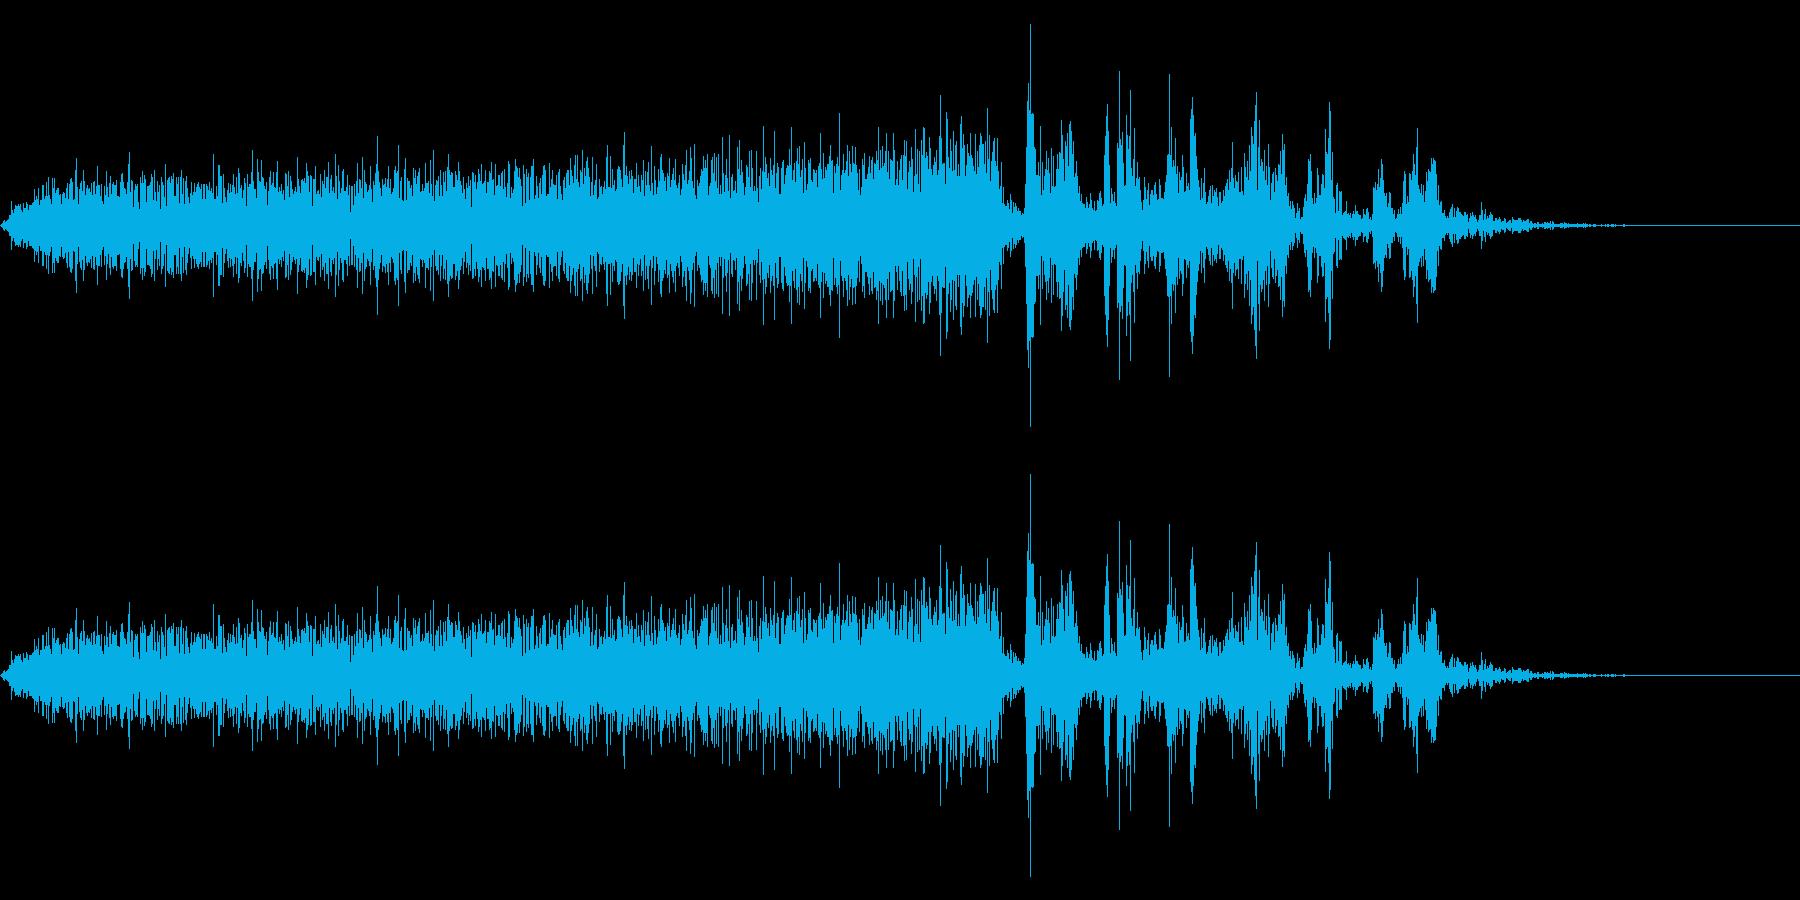 【生録音】本のページをめくる音 8の再生済みの波形